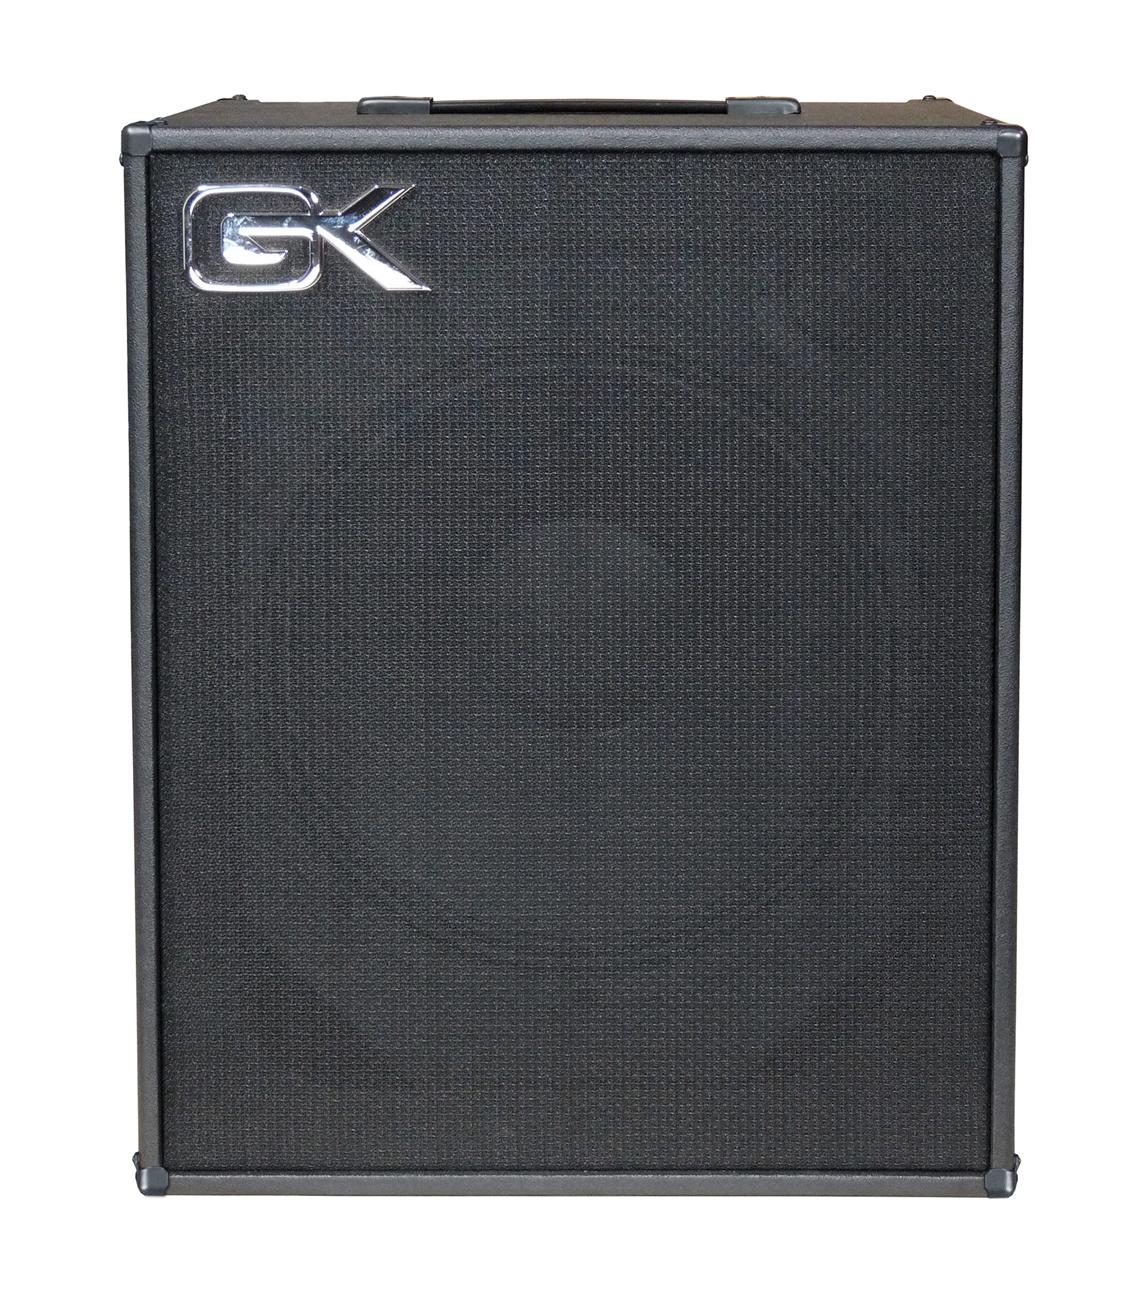 Buy gk MB 1 x 15 200 Watt Ultralight Bass Guitar Combo Melody House